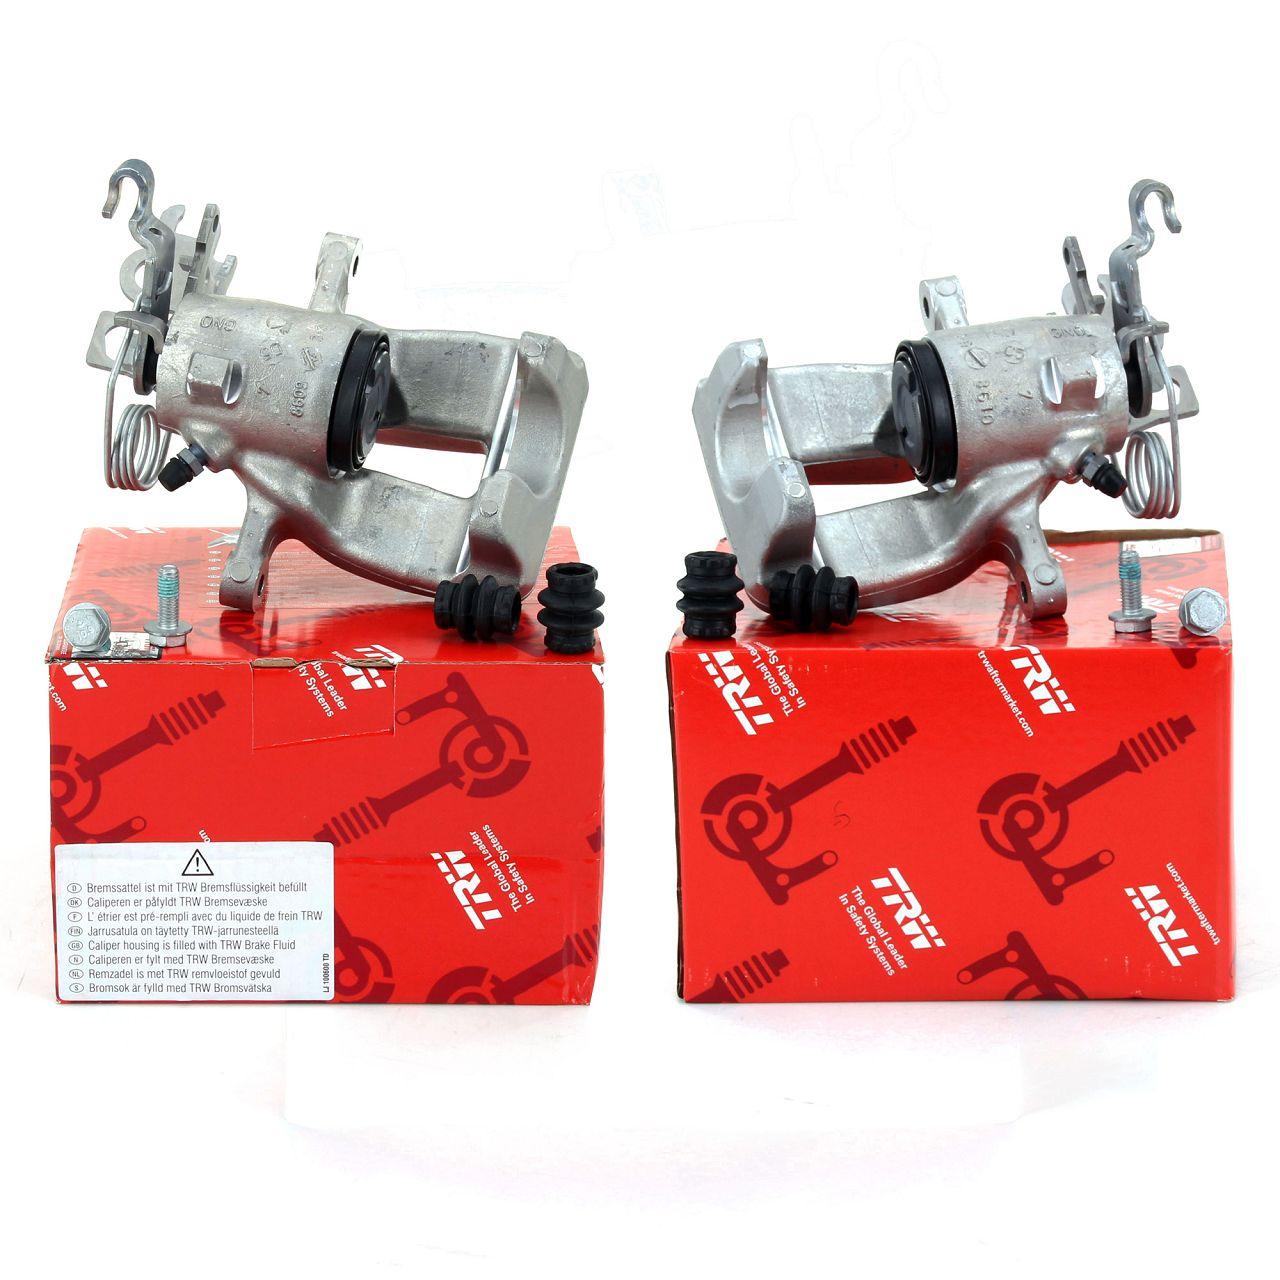 2x TRW Bremssattel VW Caddy III Kasten / Kombi 1ZE/1LJ hinten links + rechts